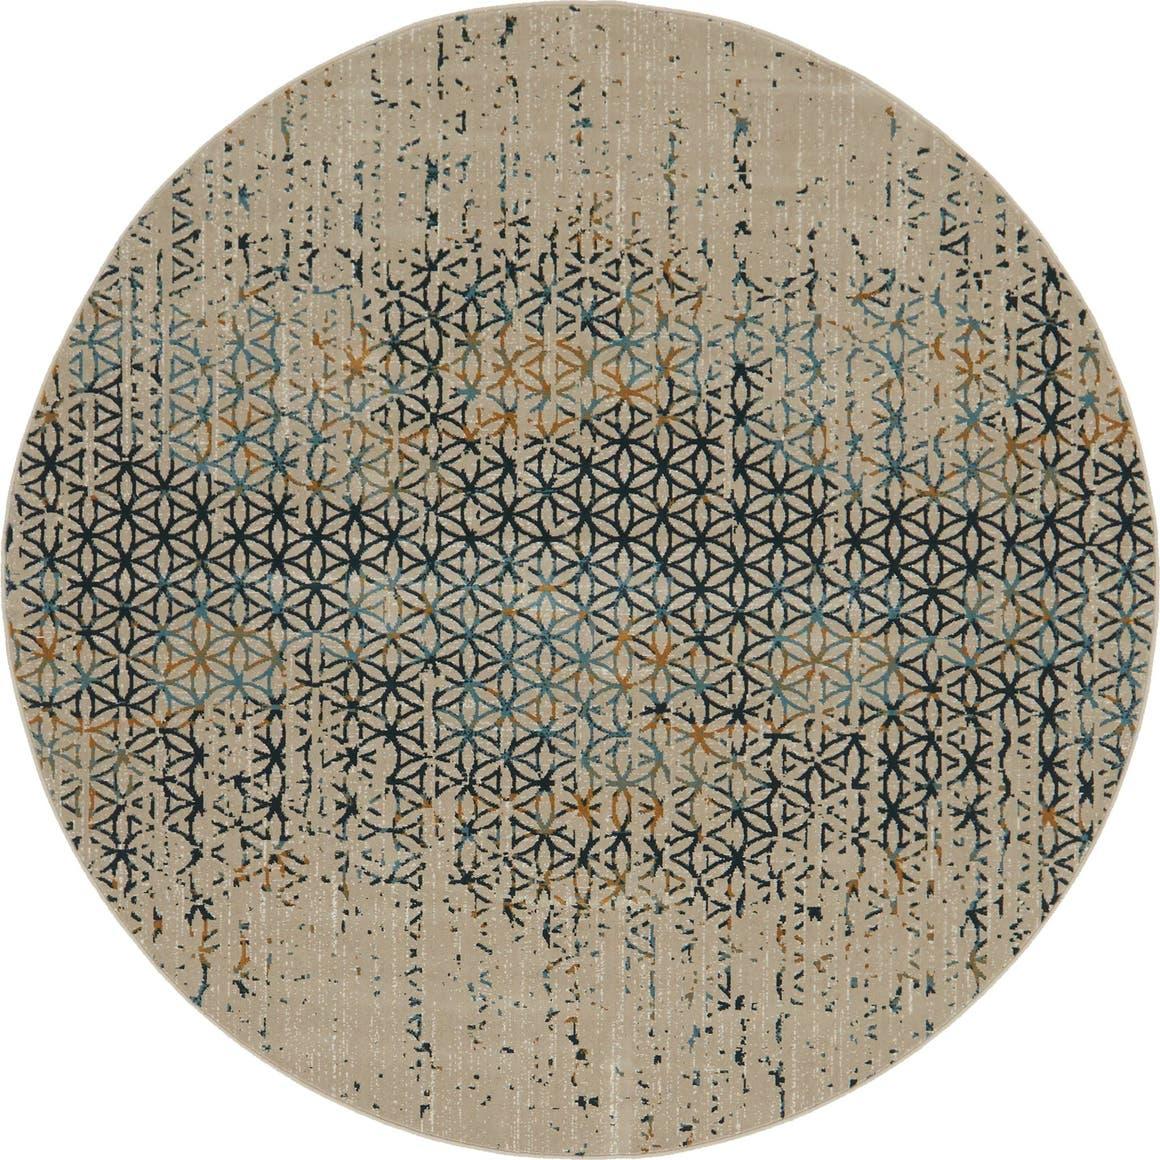 6' x 6' Mirage Round Rug main image